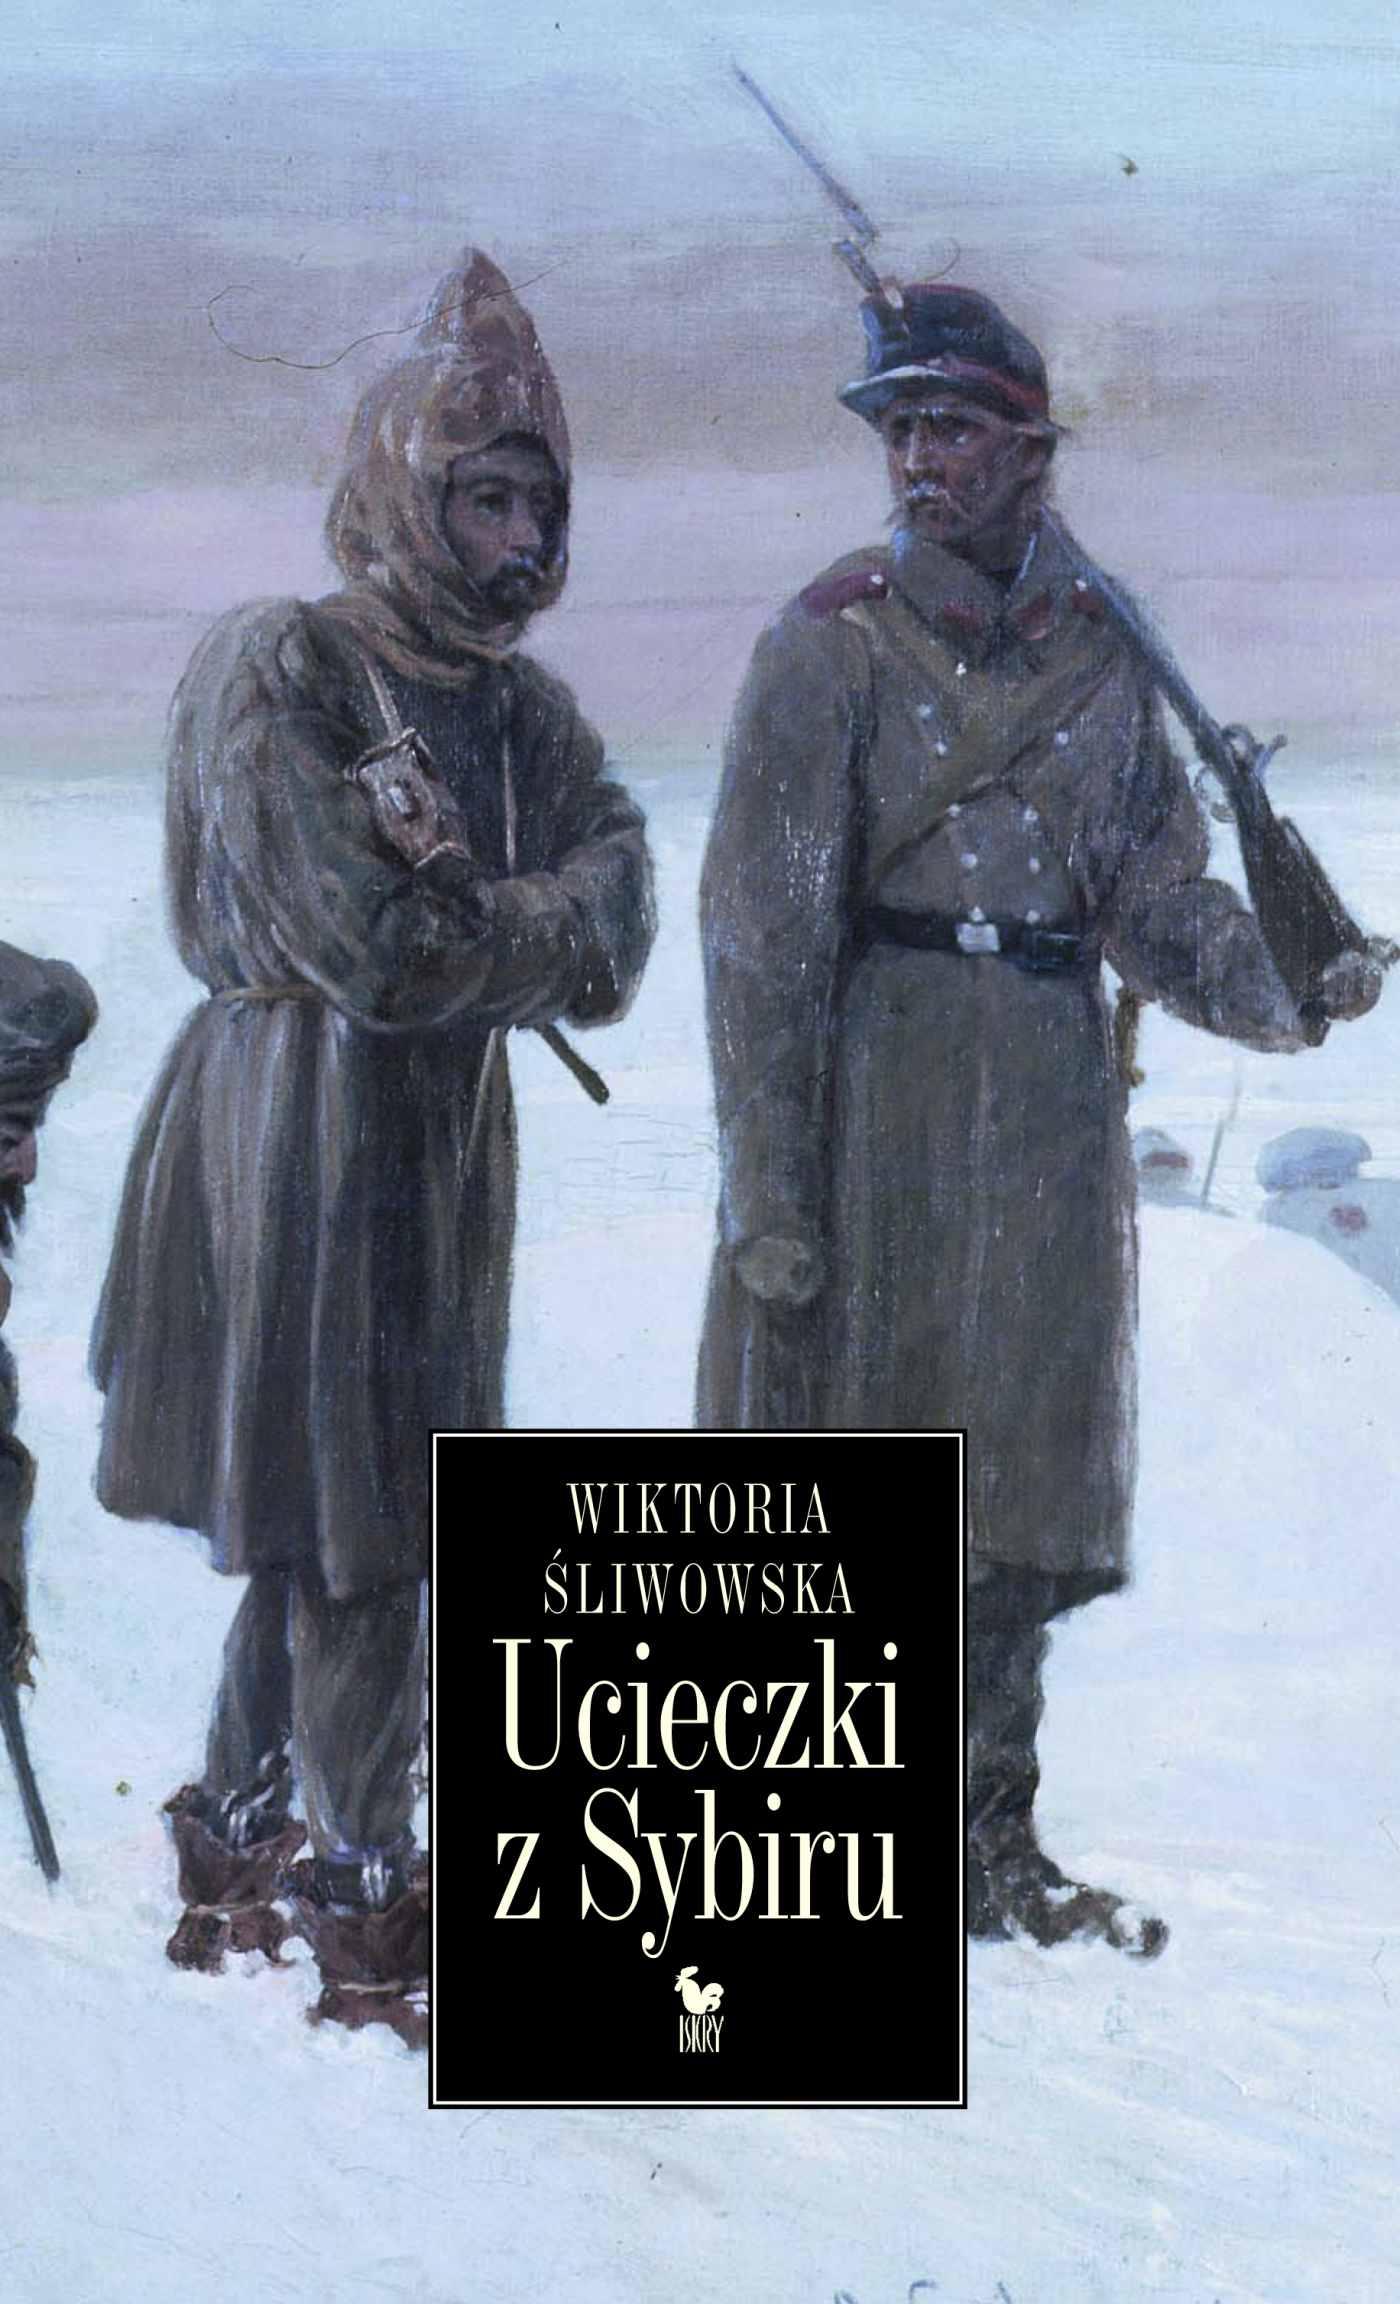 Ucieczki z Sybiru - Ebook (Książka EPUB) do pobrania w formacie EPUB